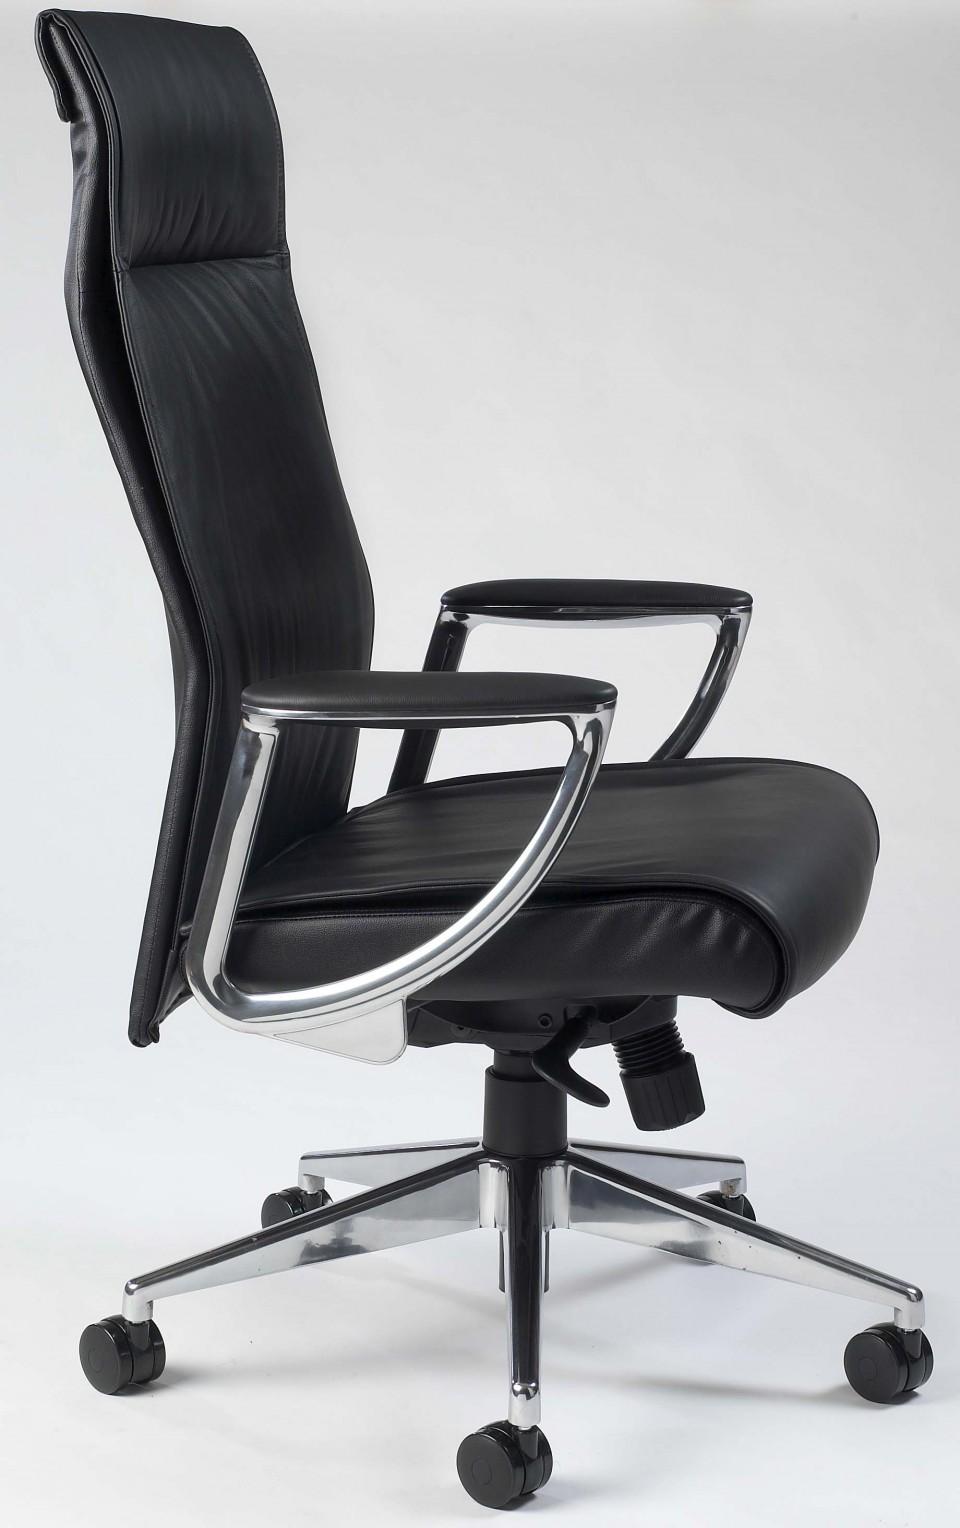 fauteuil de direction cuir fto hd t ti re achat fauteuils de direction 449 00. Black Bedroom Furniture Sets. Home Design Ideas